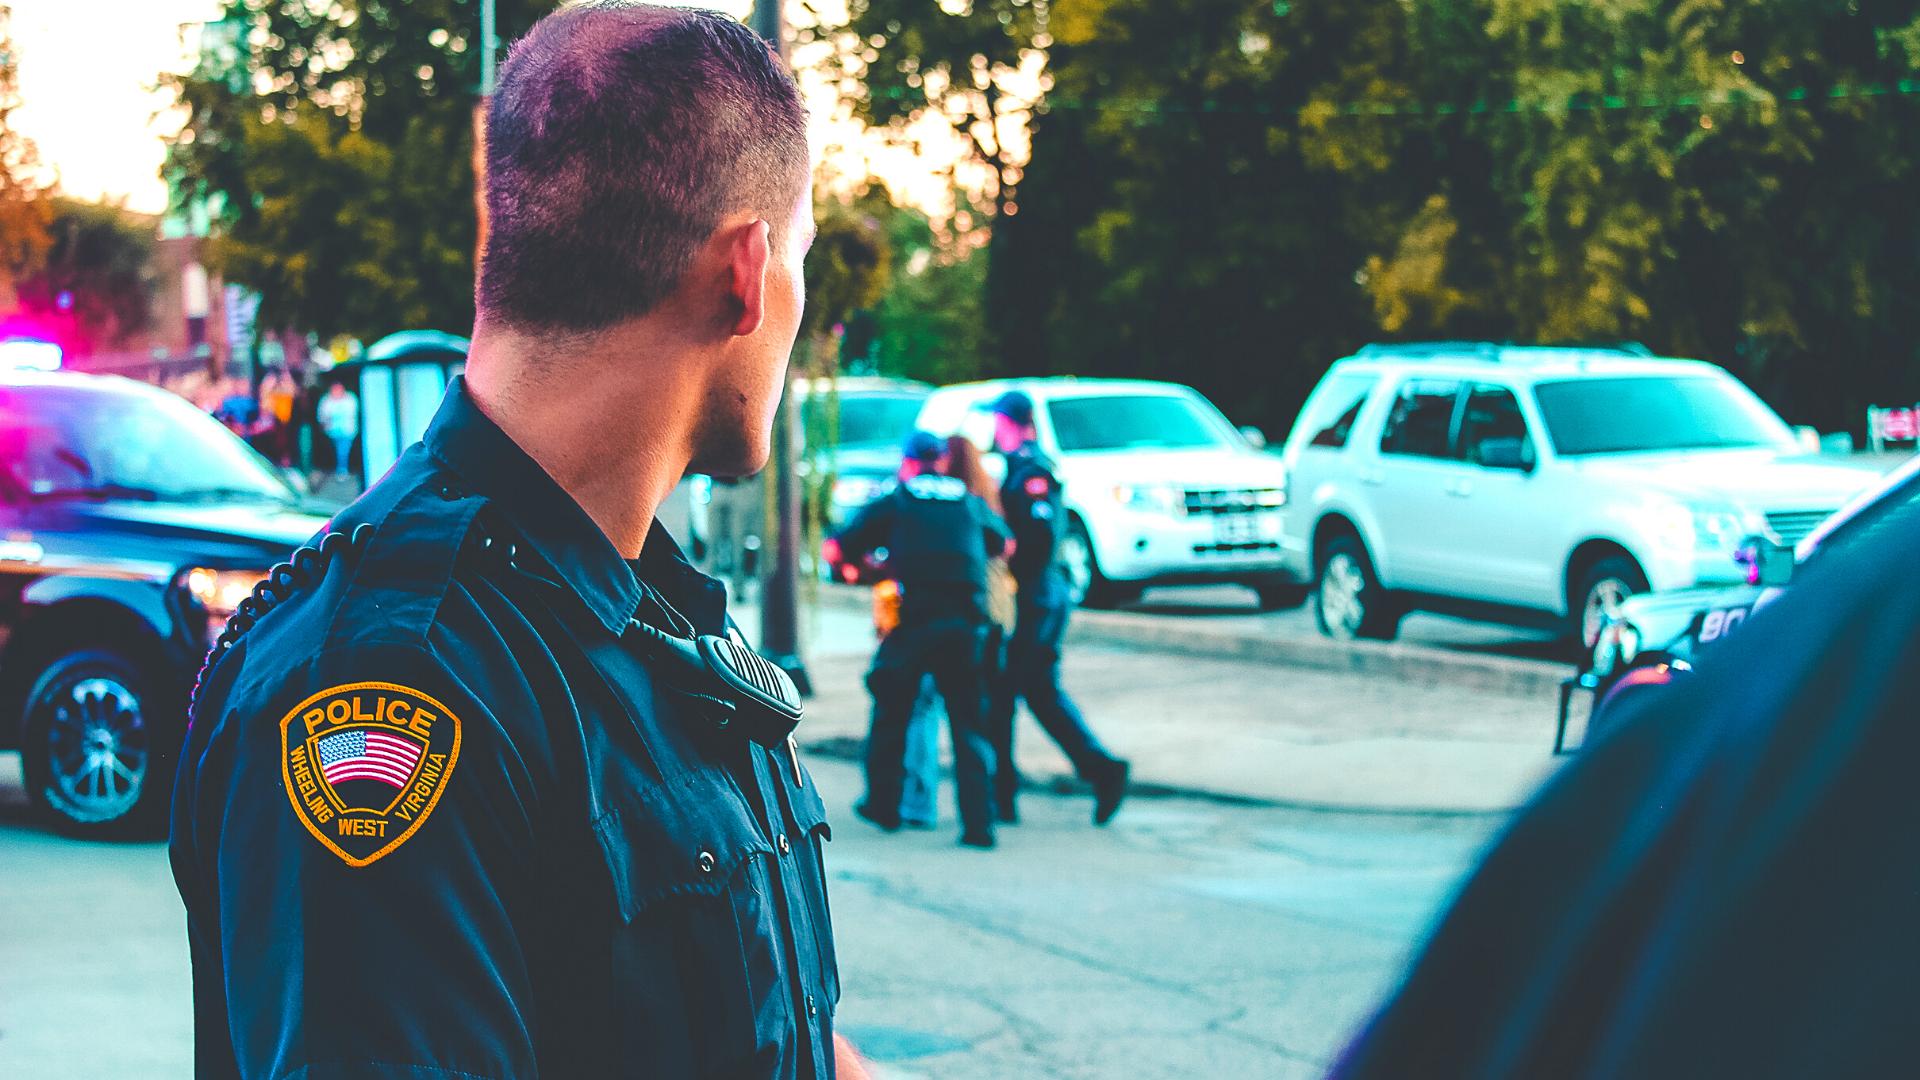 U.S. law enforcement is struggling